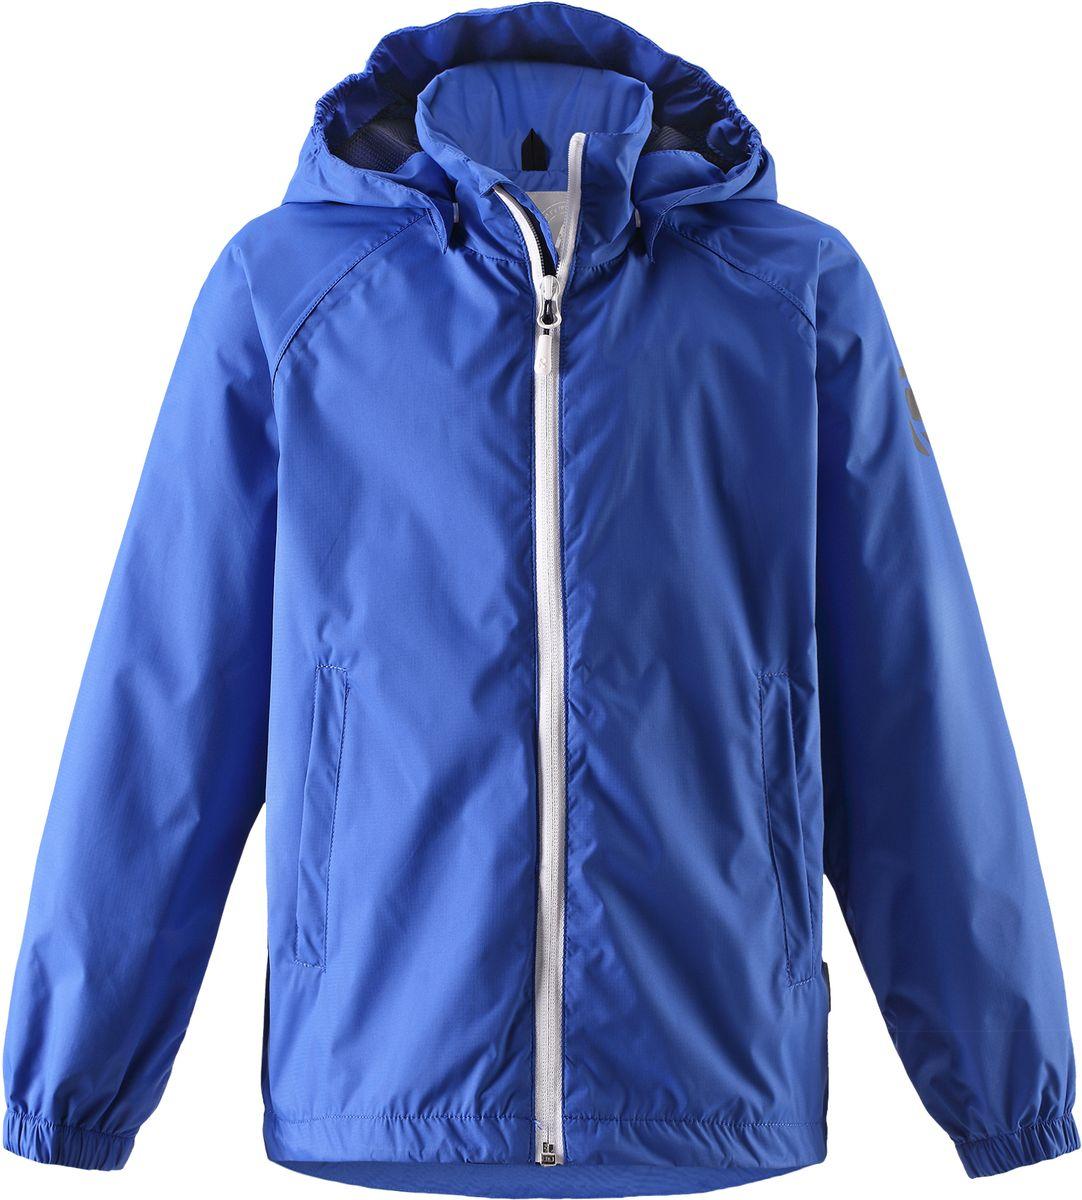 Куртка детская Reima Roder, цвет: синий. 5312730. Размер 1645312730Эту очень легкую куртку можно хранить в ее собственном кармане! Но это совершенно не сказалось на качестве: дышащий материал не пропускает ветер и дождь, а все самые важные швы заклеены, водонепроницаемы. Простая в уходе куртка практически не мнется и снабжена съемным капюшоном. Капюшон безопасен во время игр на улице, он легко отстегнется, если за что-нибудь зацепится. Регулируемый подол и талия, карманы с клапанами завершают образ.